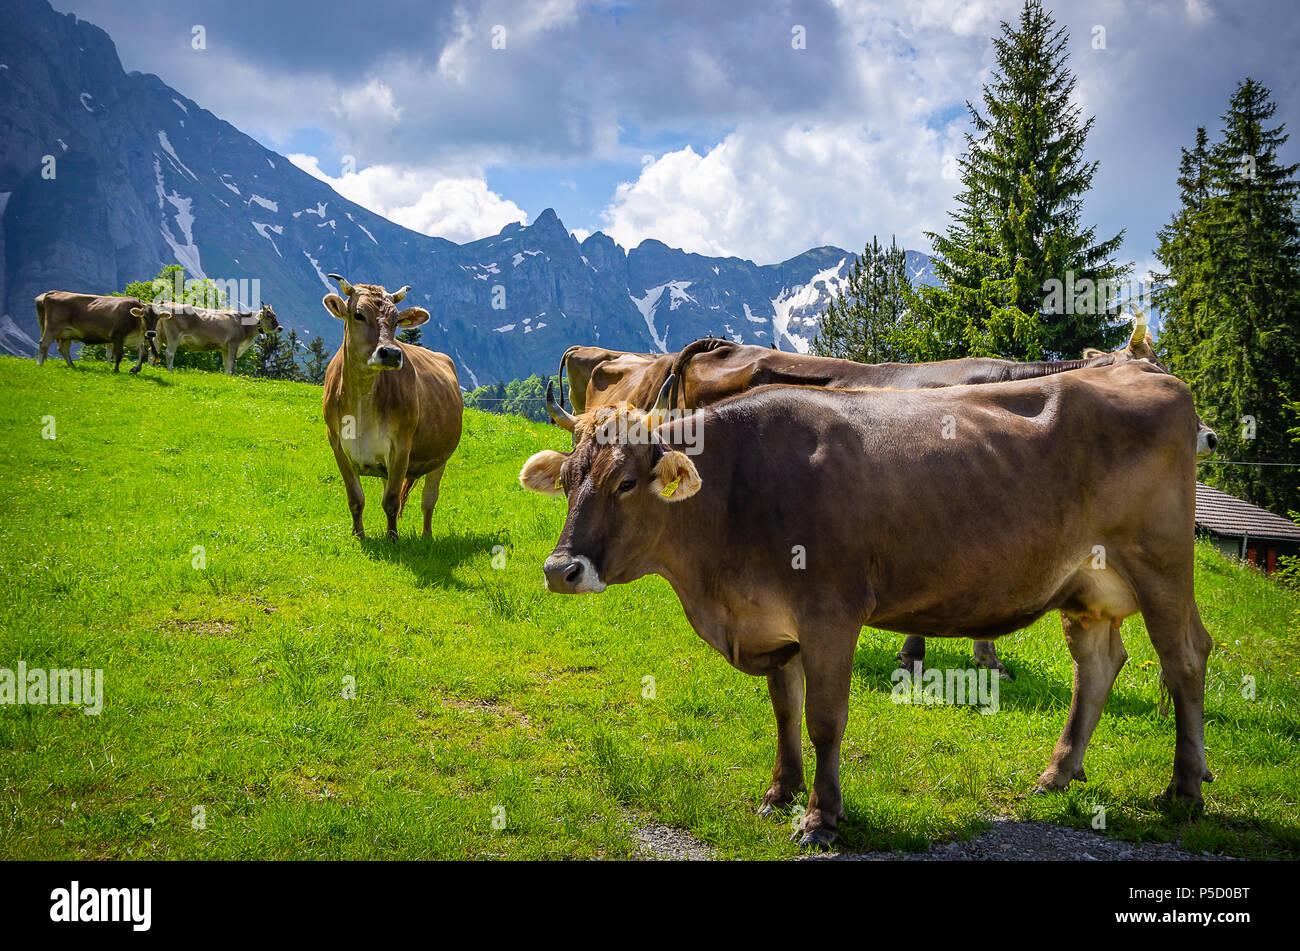 Kühe mit ordnungsgemäß befestigt Ohrmarken auf einer Bergwiese in den Schweizer Alpen in der Nähe von Urnäsch und Schwägalp, Kanton Appenzell Ausserrhoden, Schweiz. Stockfoto